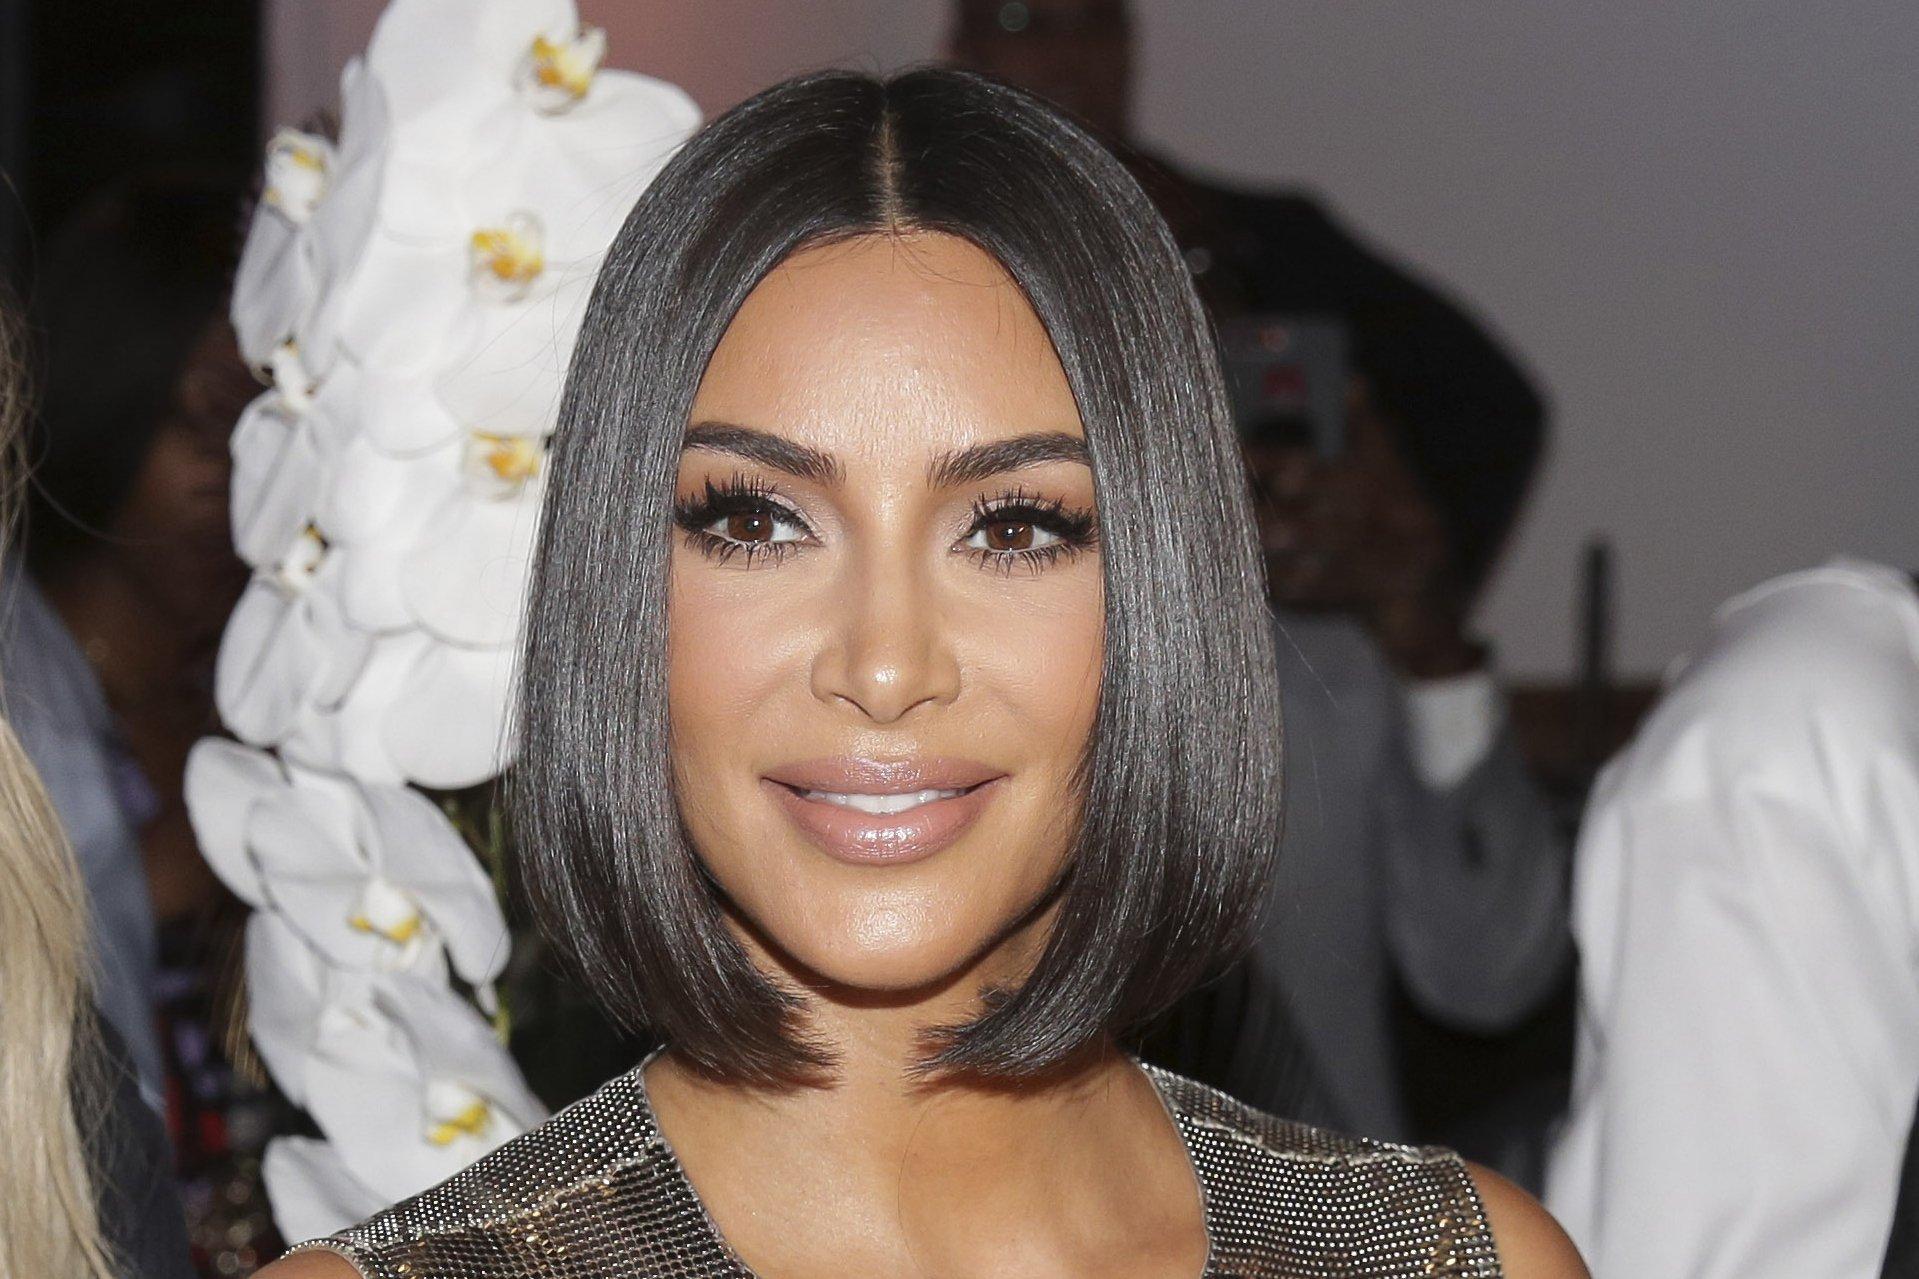 kuwtk-kim-kardashian-reportedly-loving-single-life-she-feels-free-after-divorcing-kanye-west